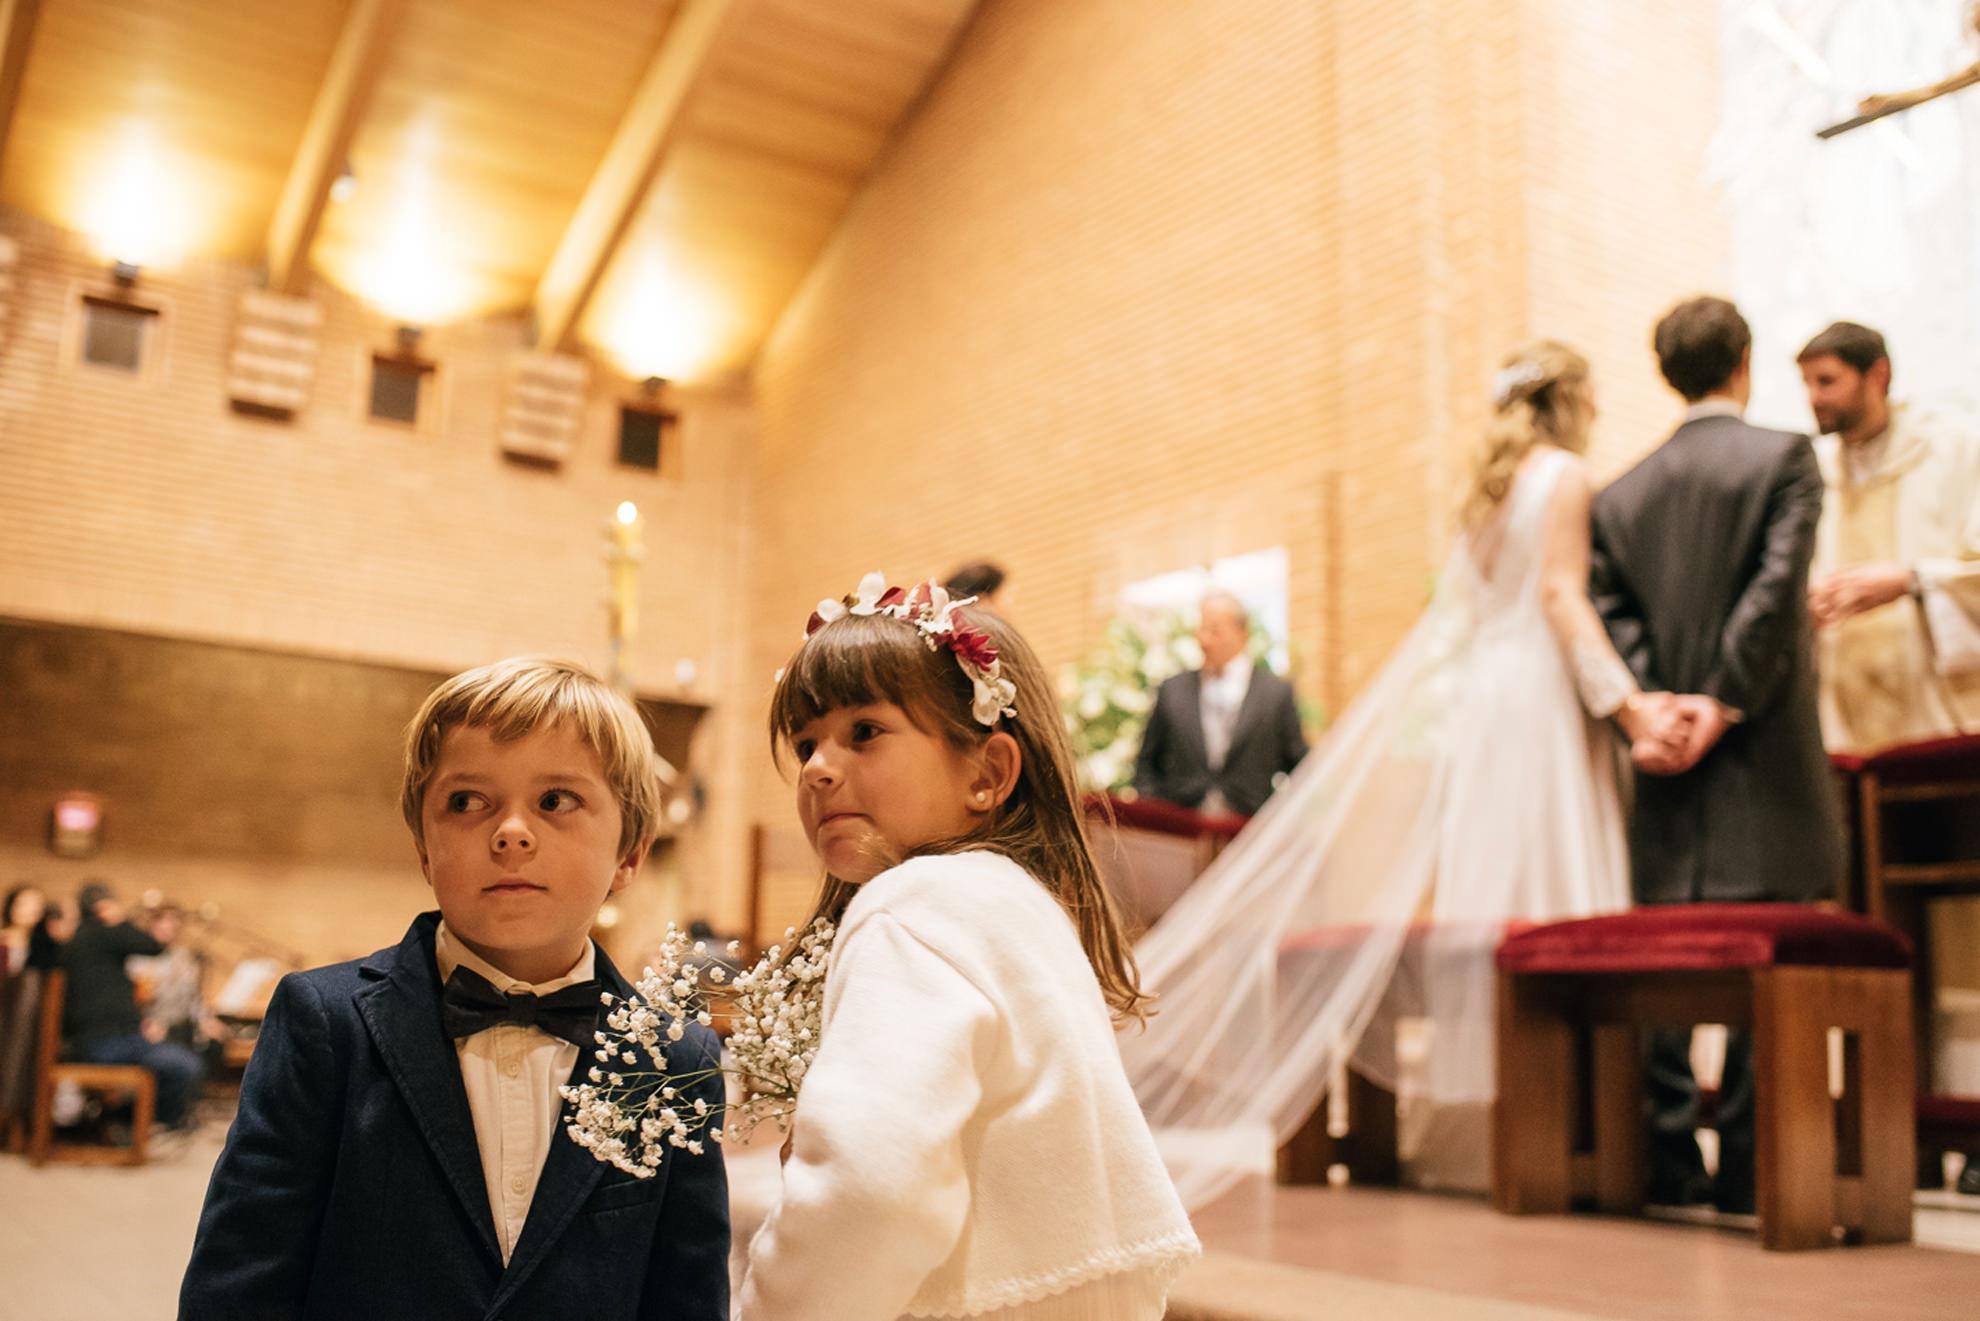 matrimonio viña santa carolina - 14.jpg